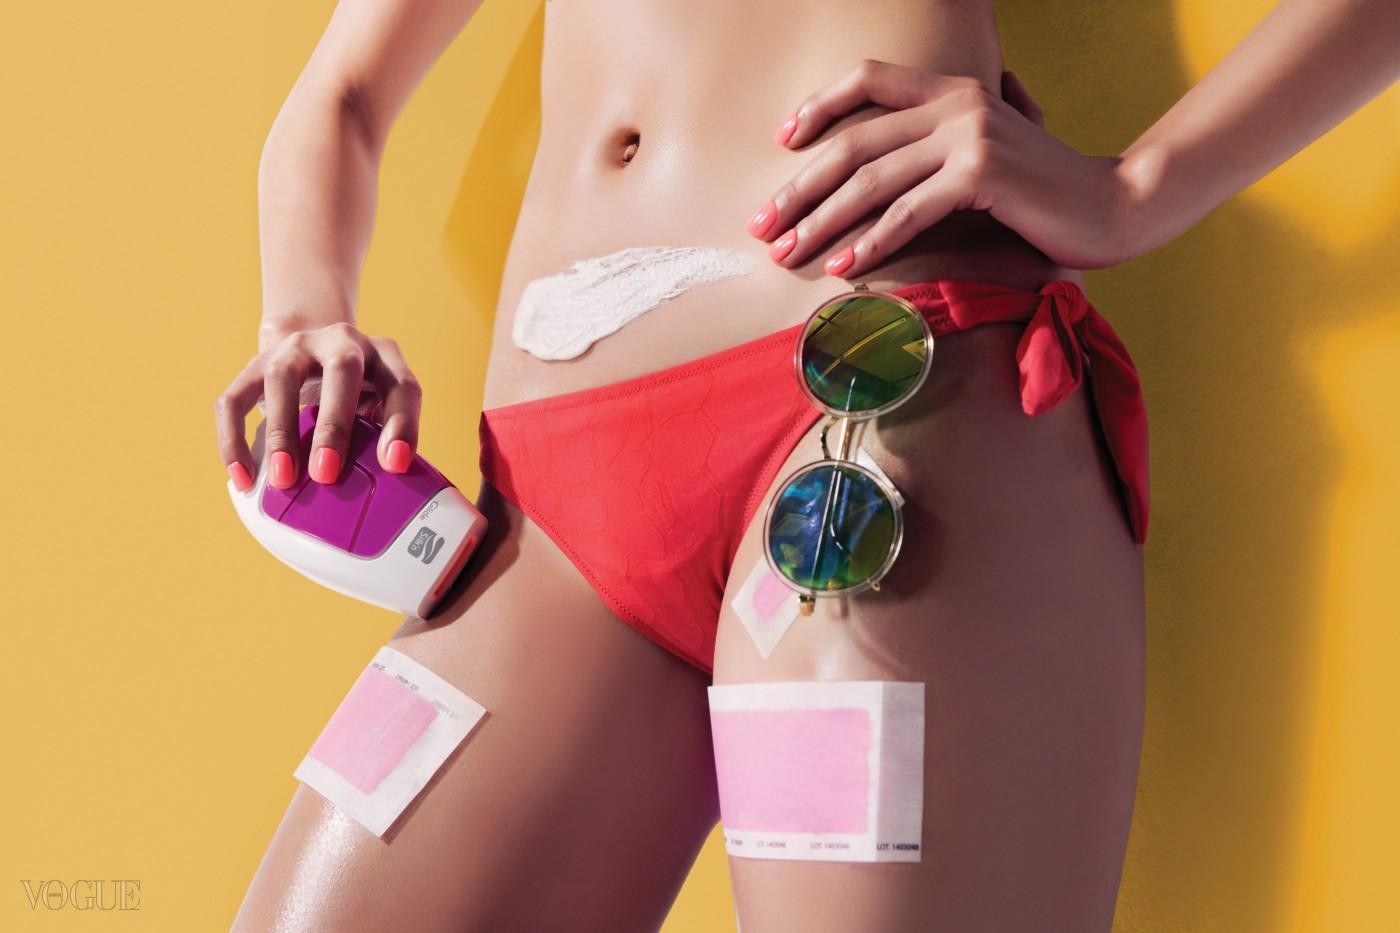 핑크색 가정용 레이저 제모기는 실큰, 리본 매듭의 비키니는 빌브레퀸, 미러 선글라스는 젠틀몬스터.